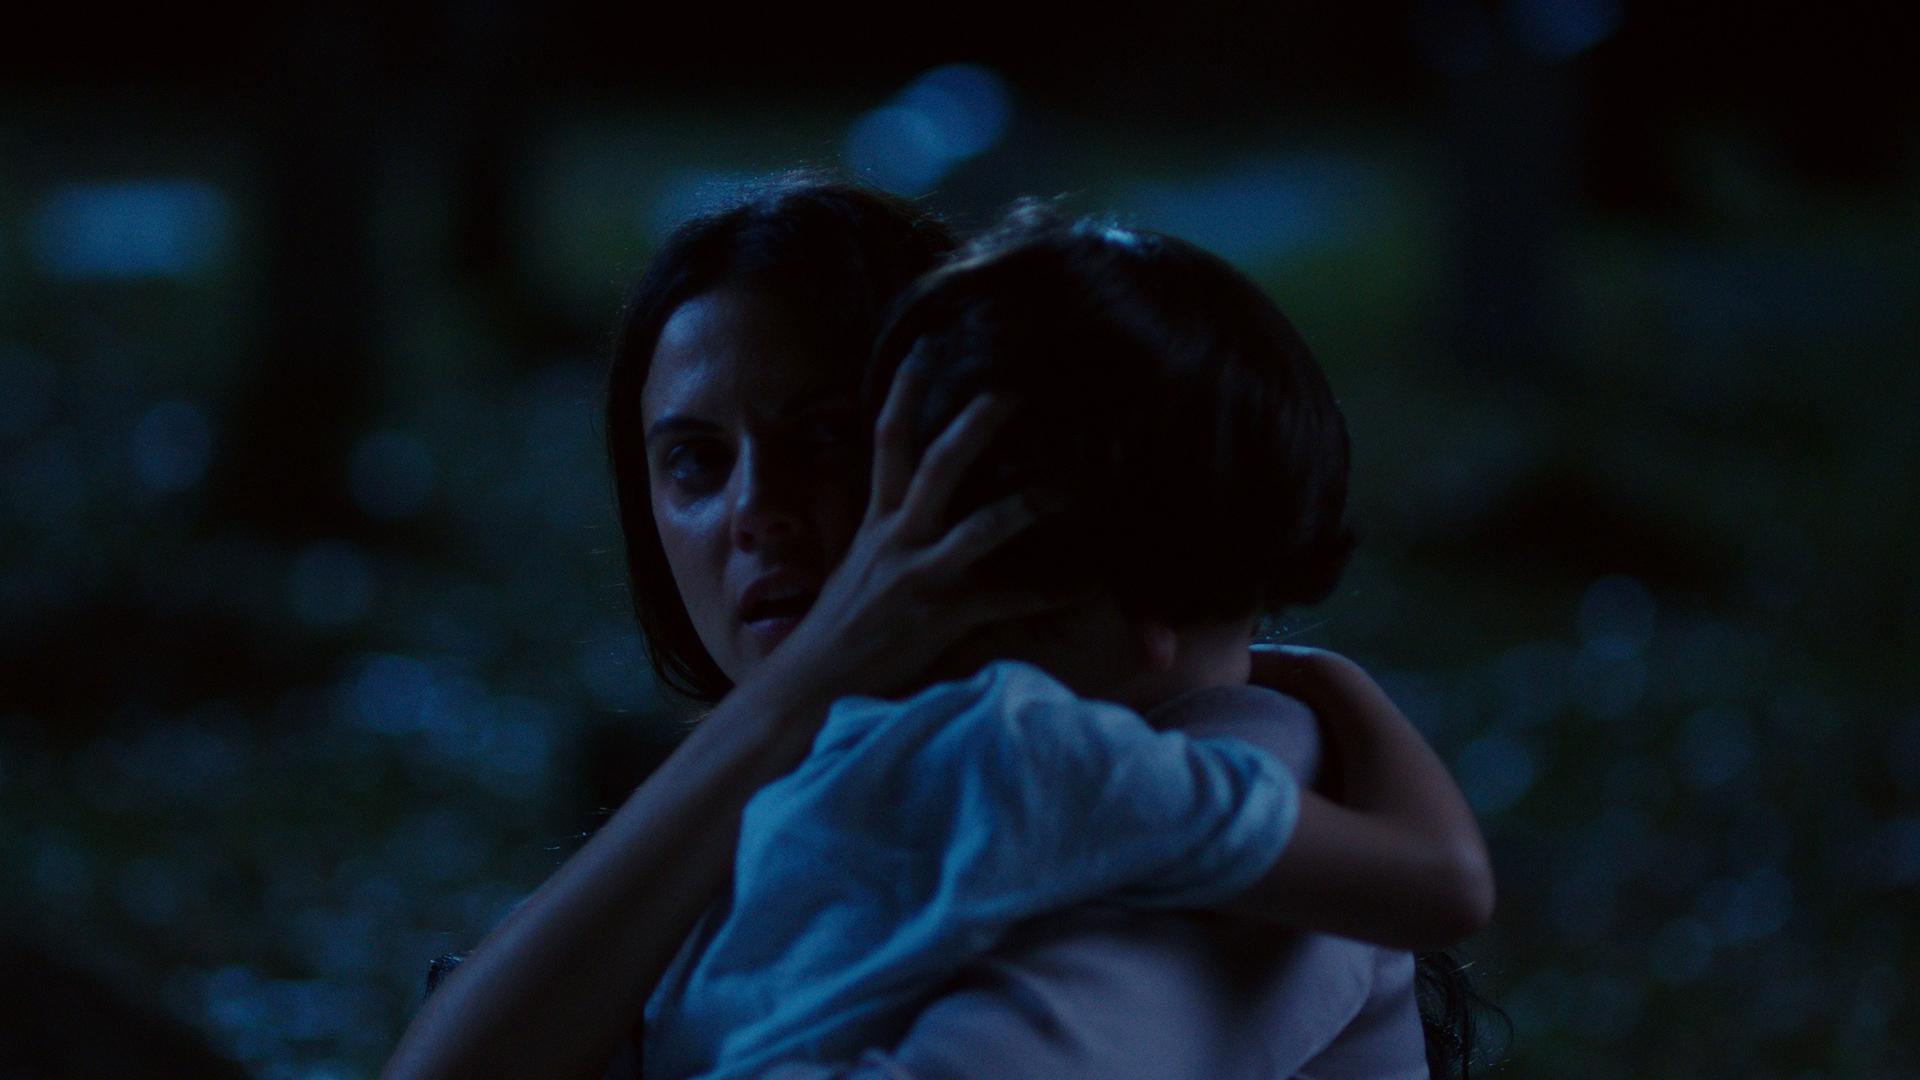 Ana abrazando a su hijo © Foto cortesía de Tulip Pictures.jpg